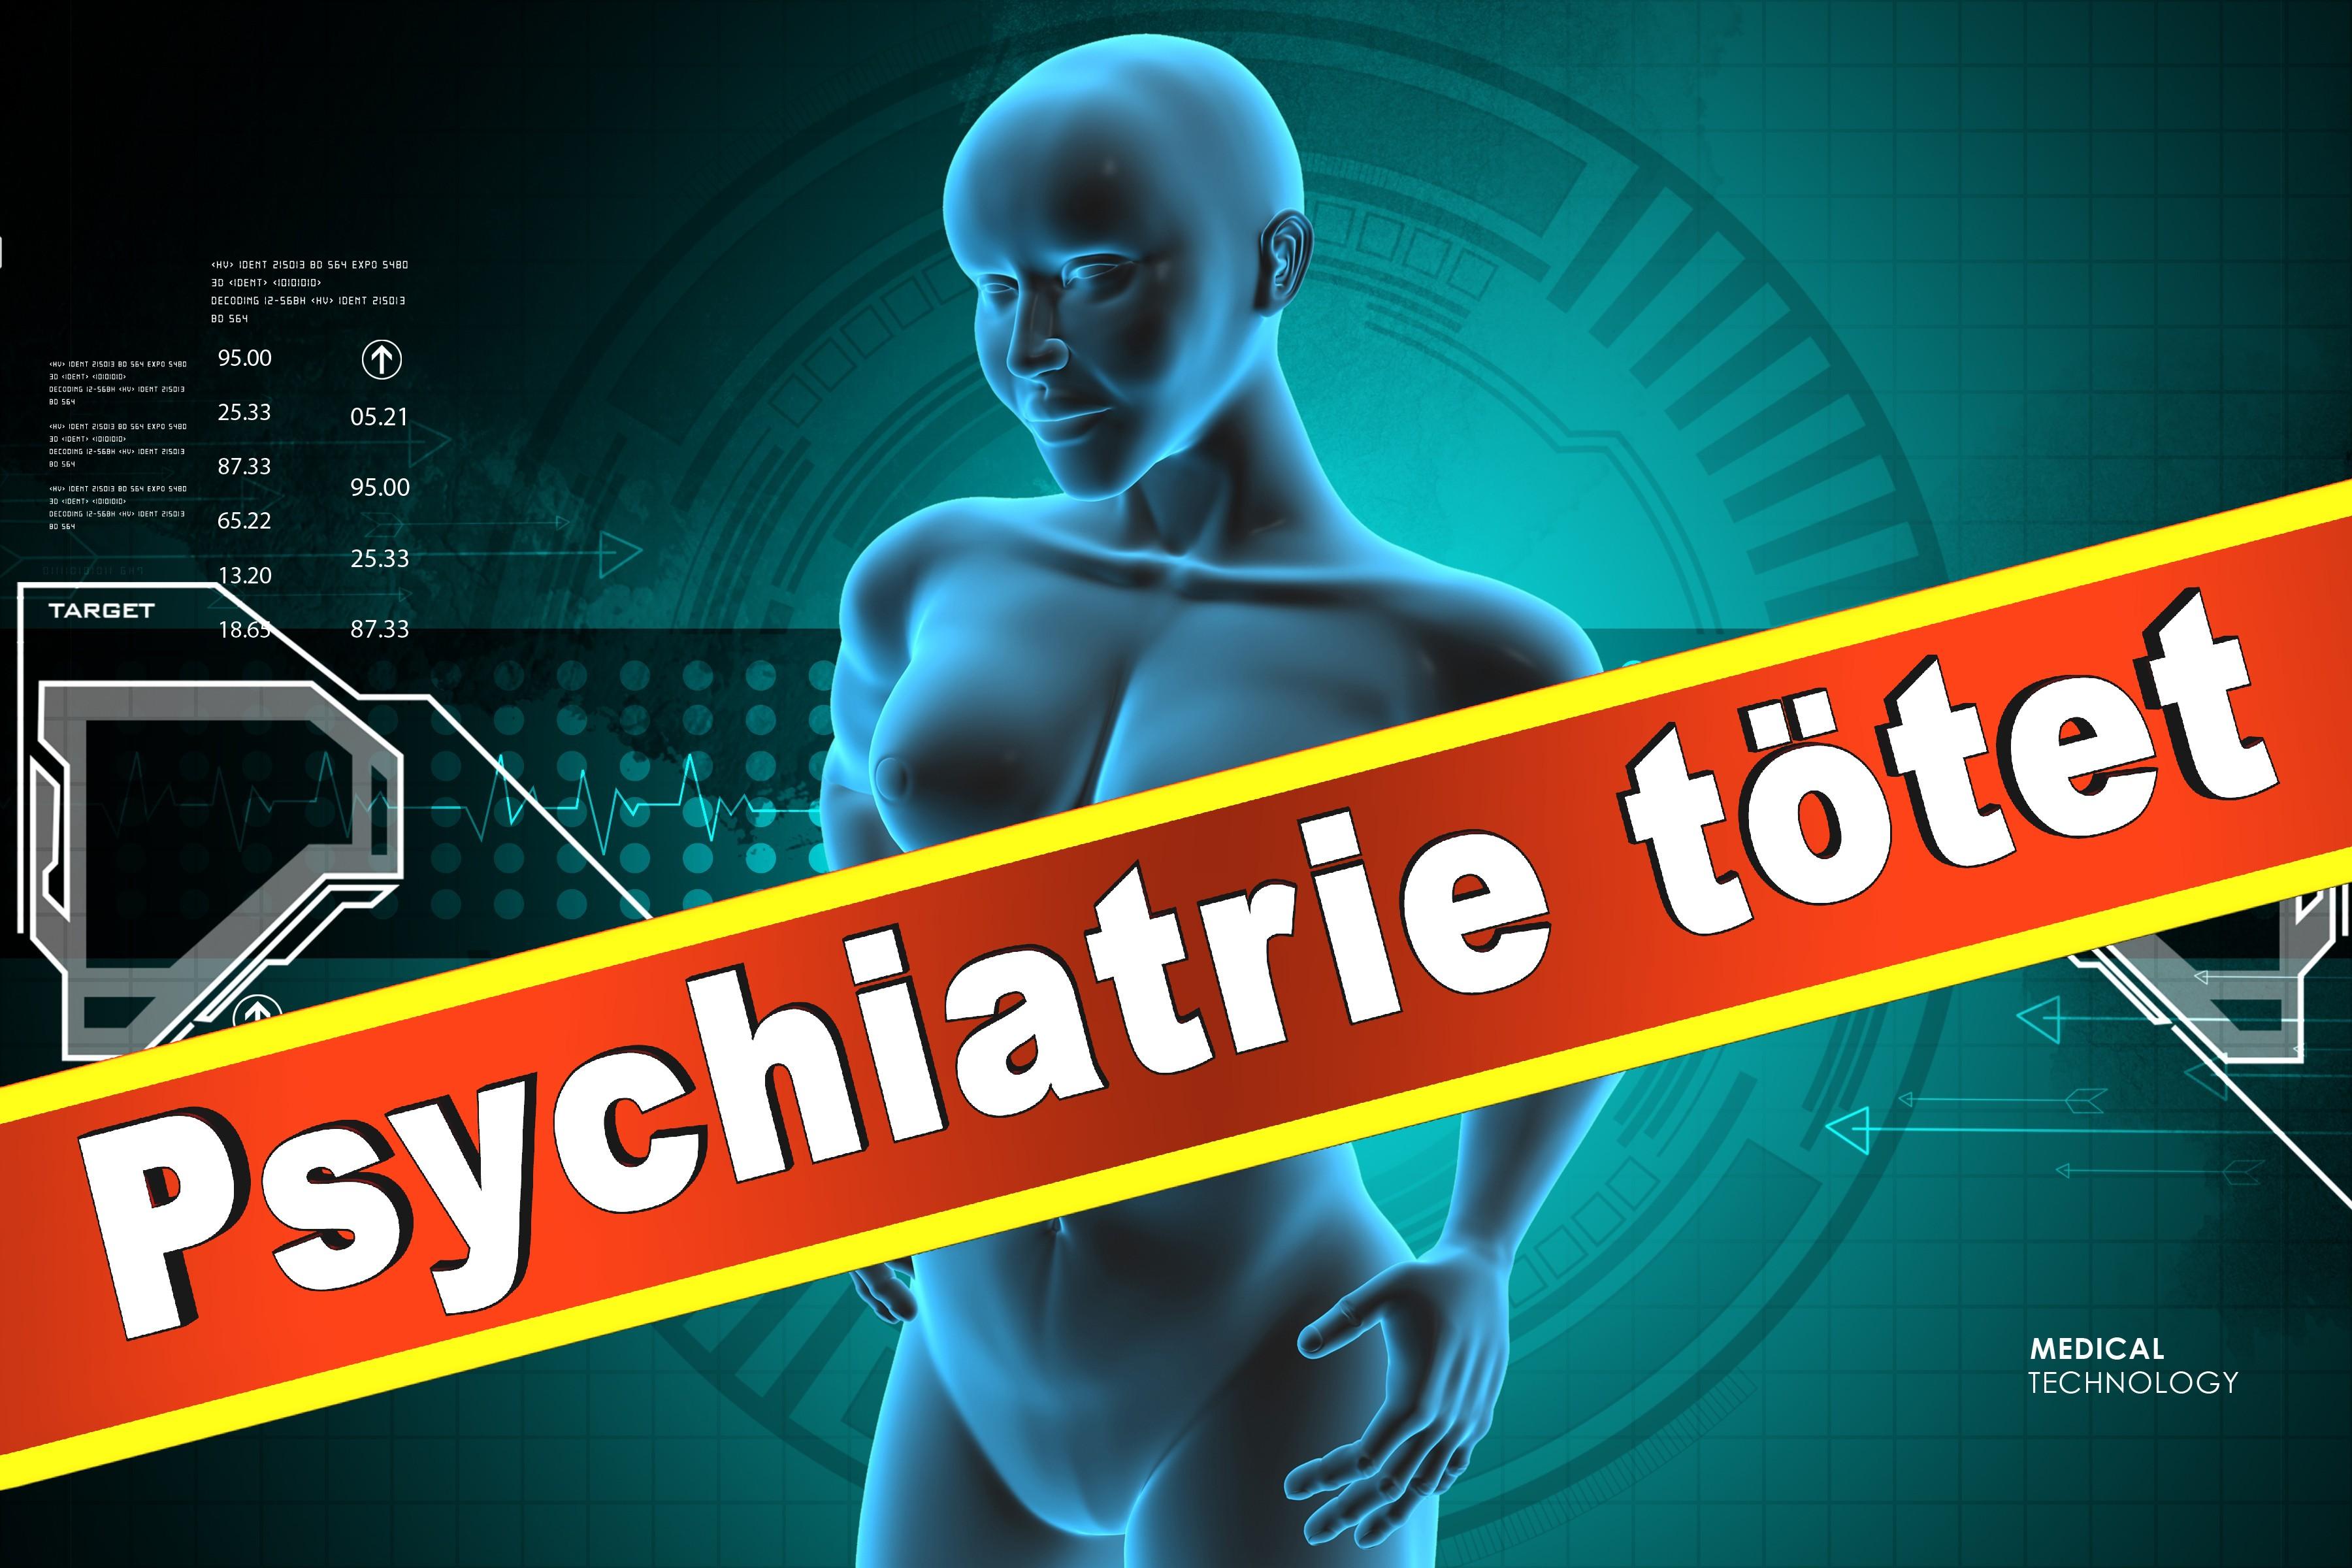 Psychotherapie Paartherapie Und Selbstheilungsberatung In Hannover Alternative Medicine Practitioner Hannover